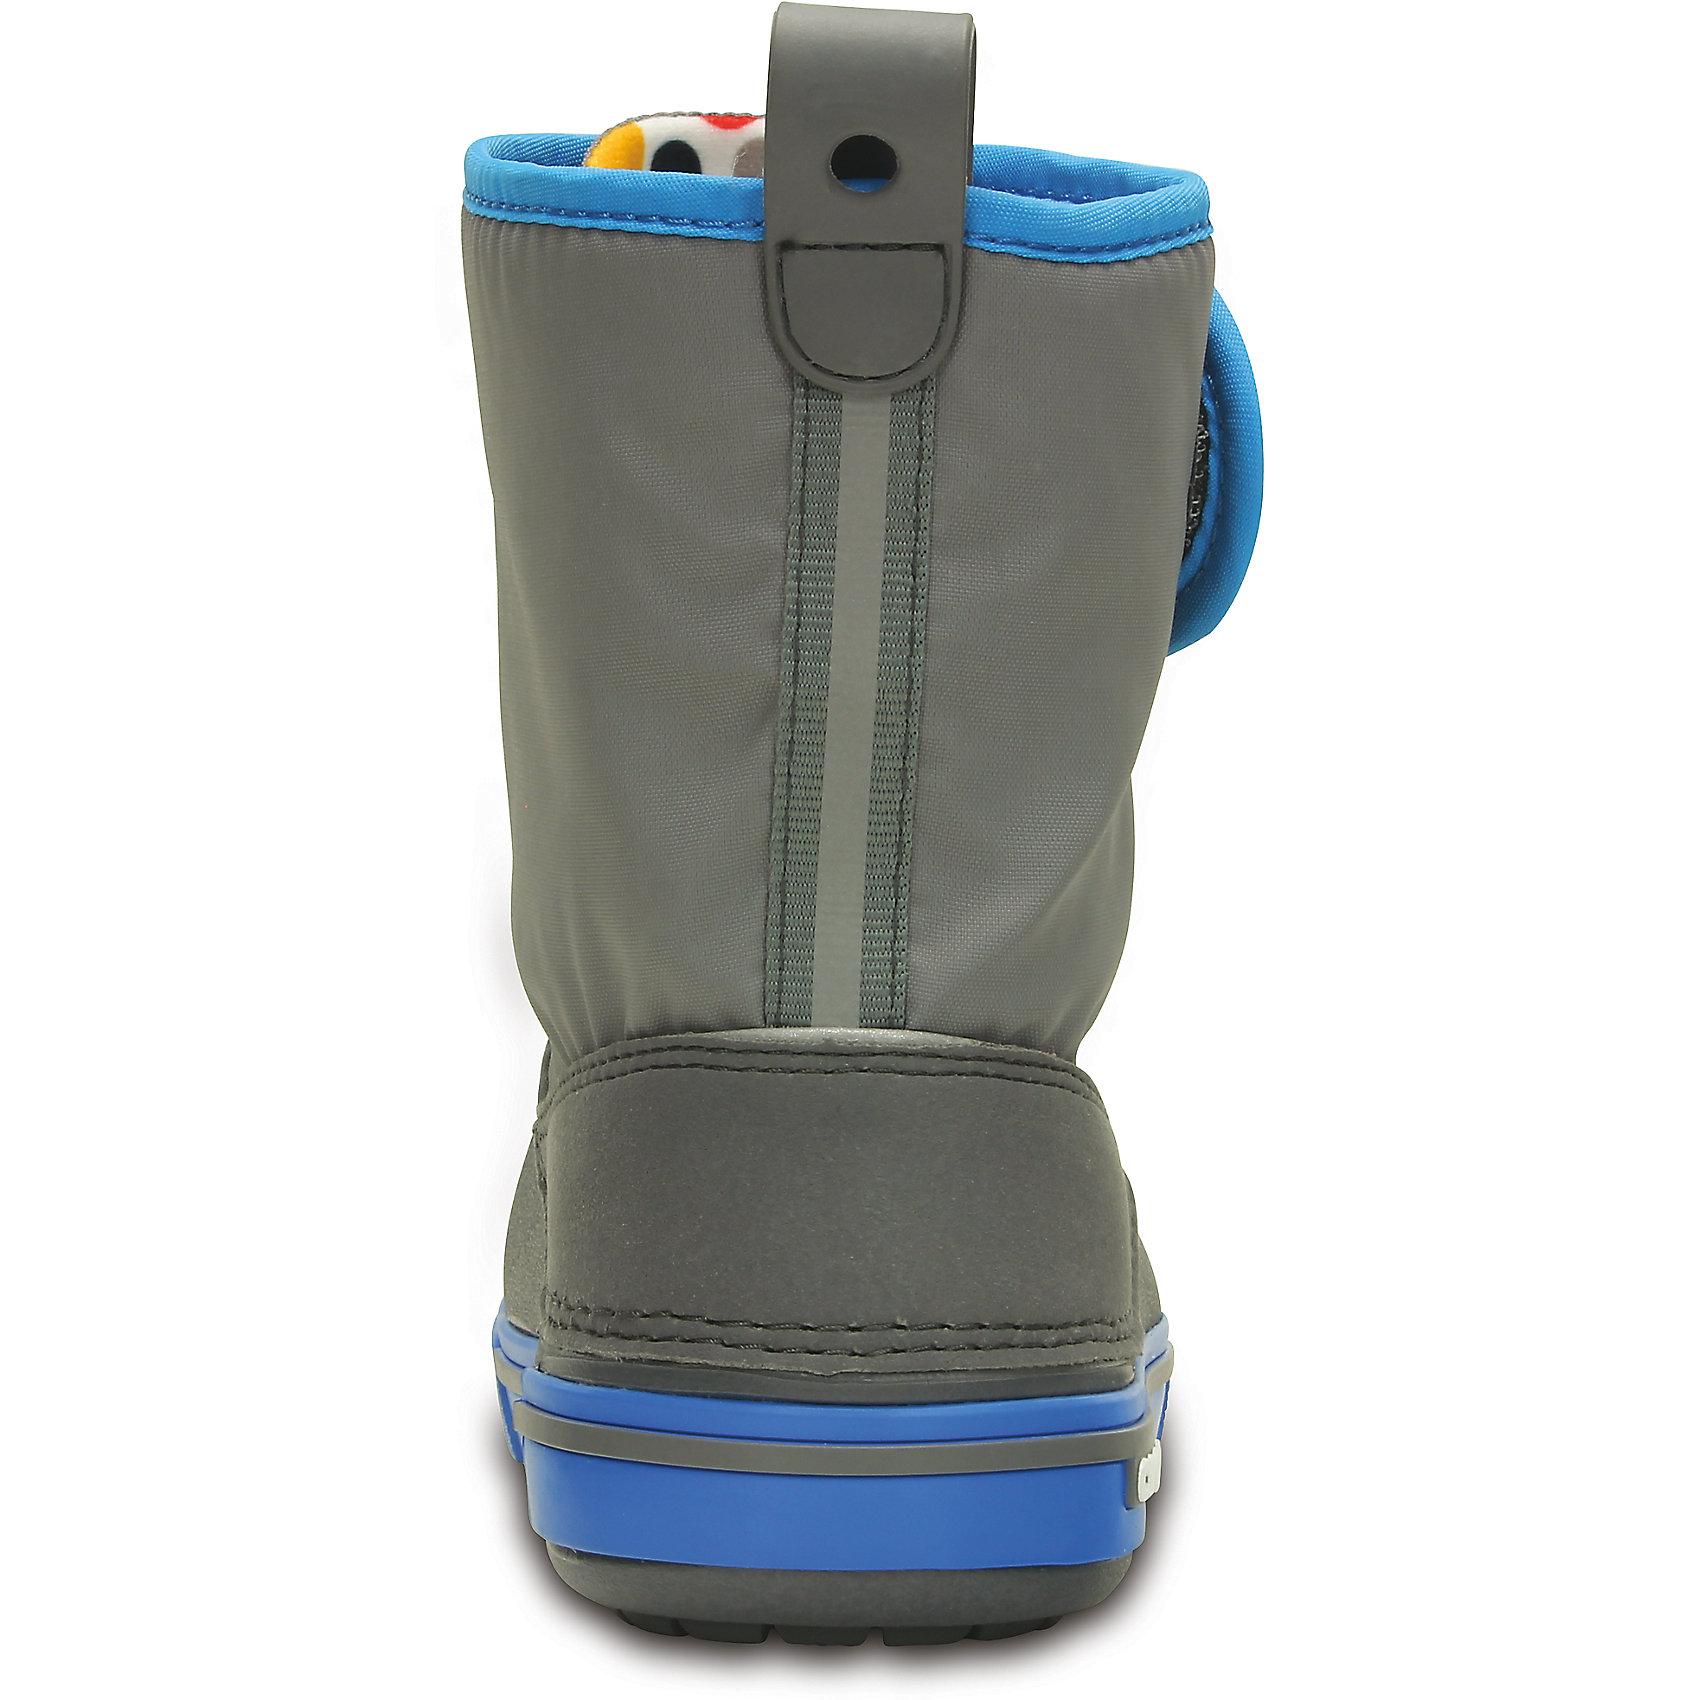 Сапоги Kids Crocband II.5 Gust Boot для мальчика Crocs от myToys